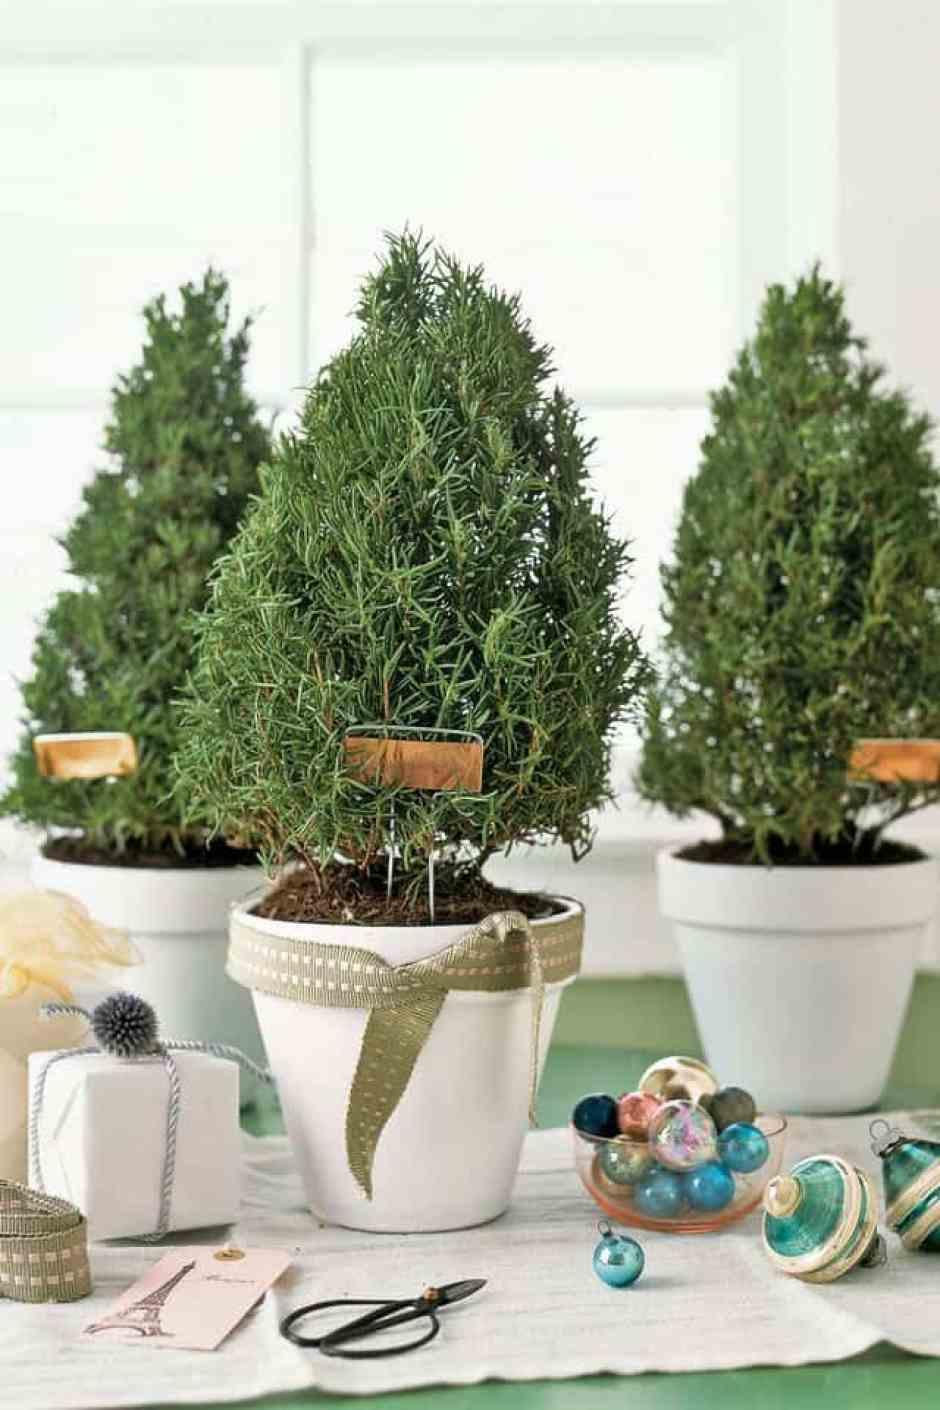 Mini piante di rosmarino, perfette per creare un abete di Natale fai da te